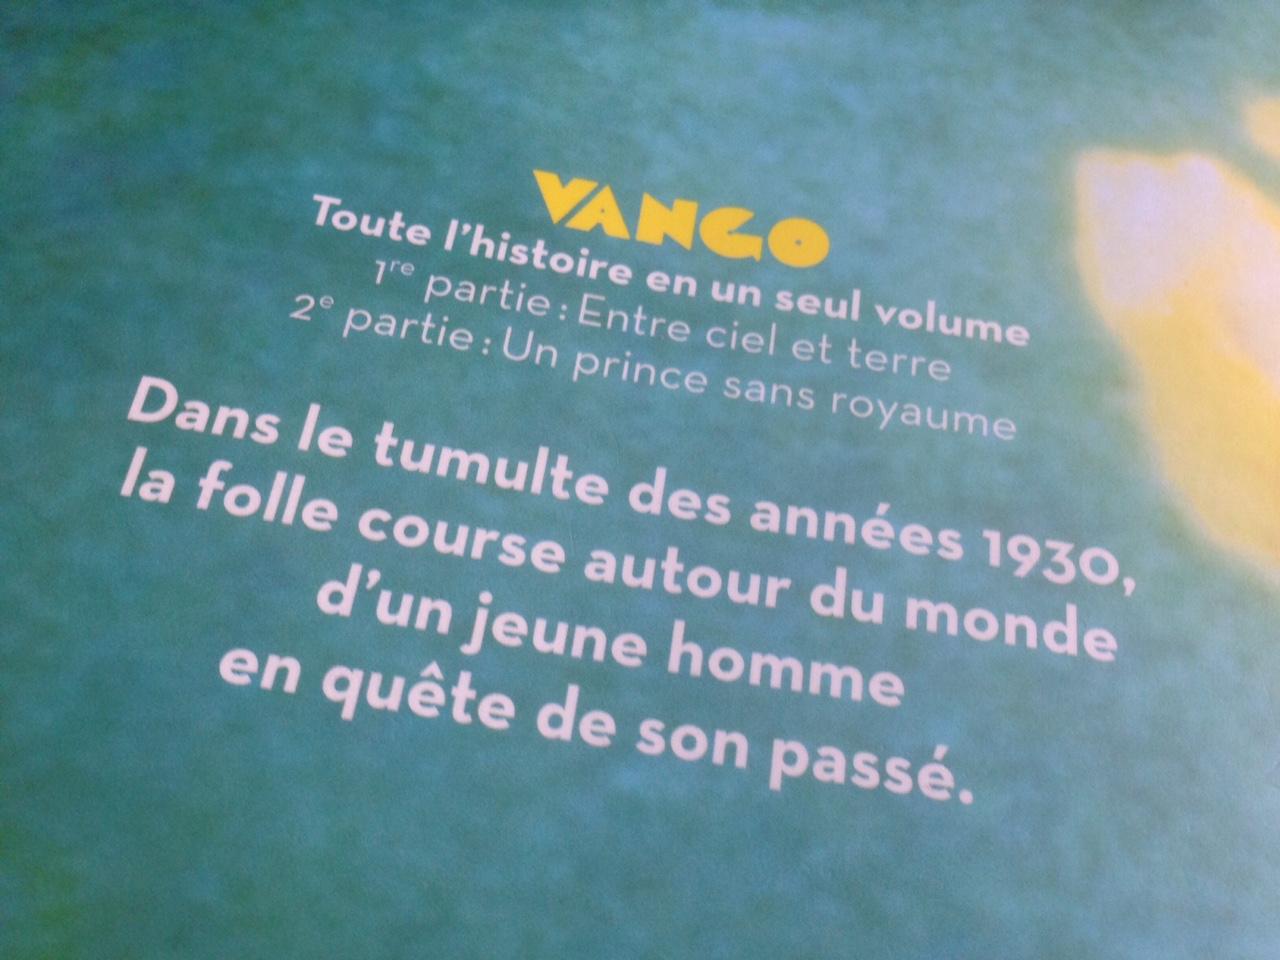 vango-02